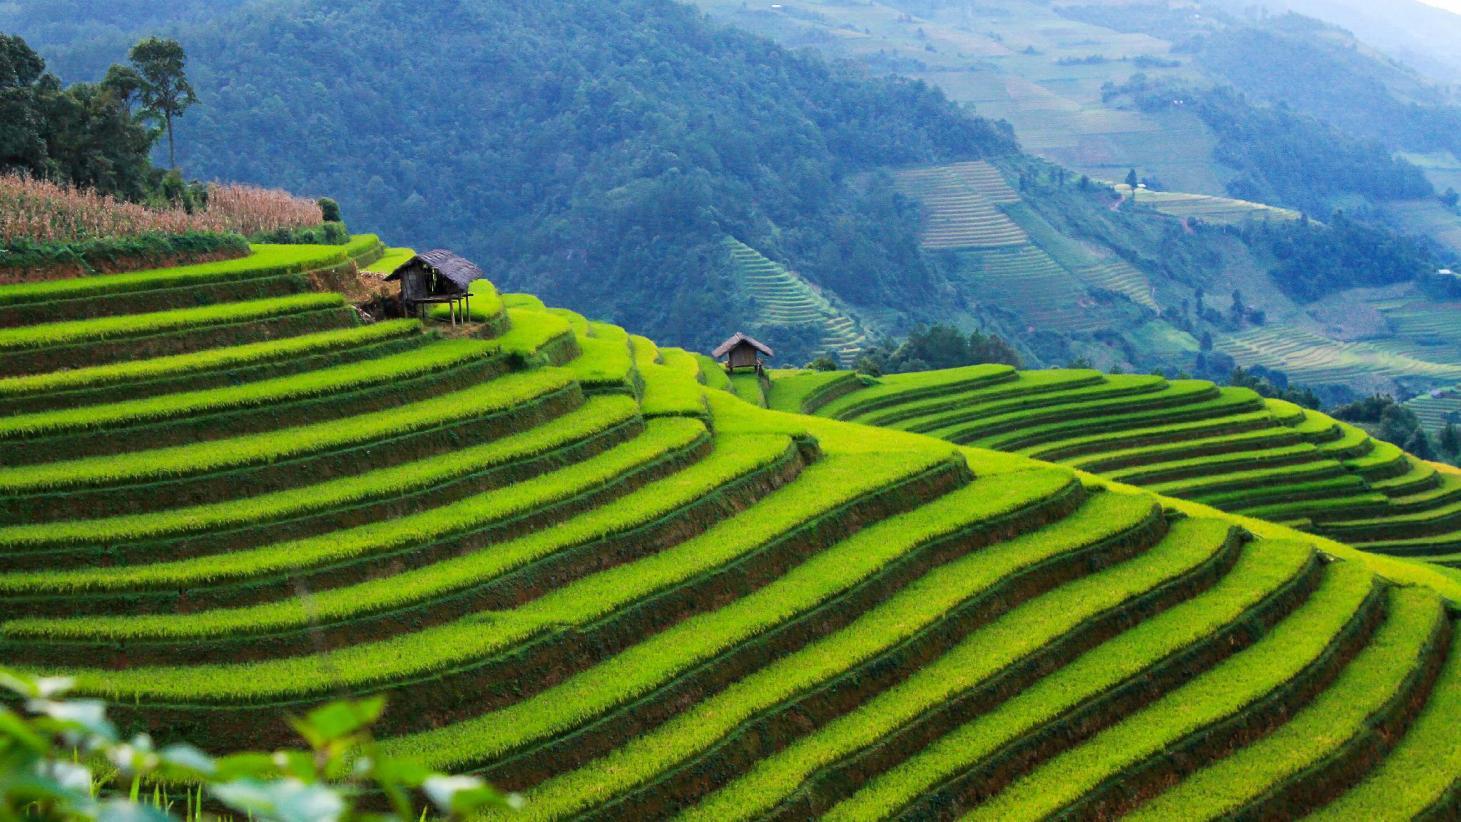 Personnalisez votre voyage au Vietnam comme vous le souhaitez